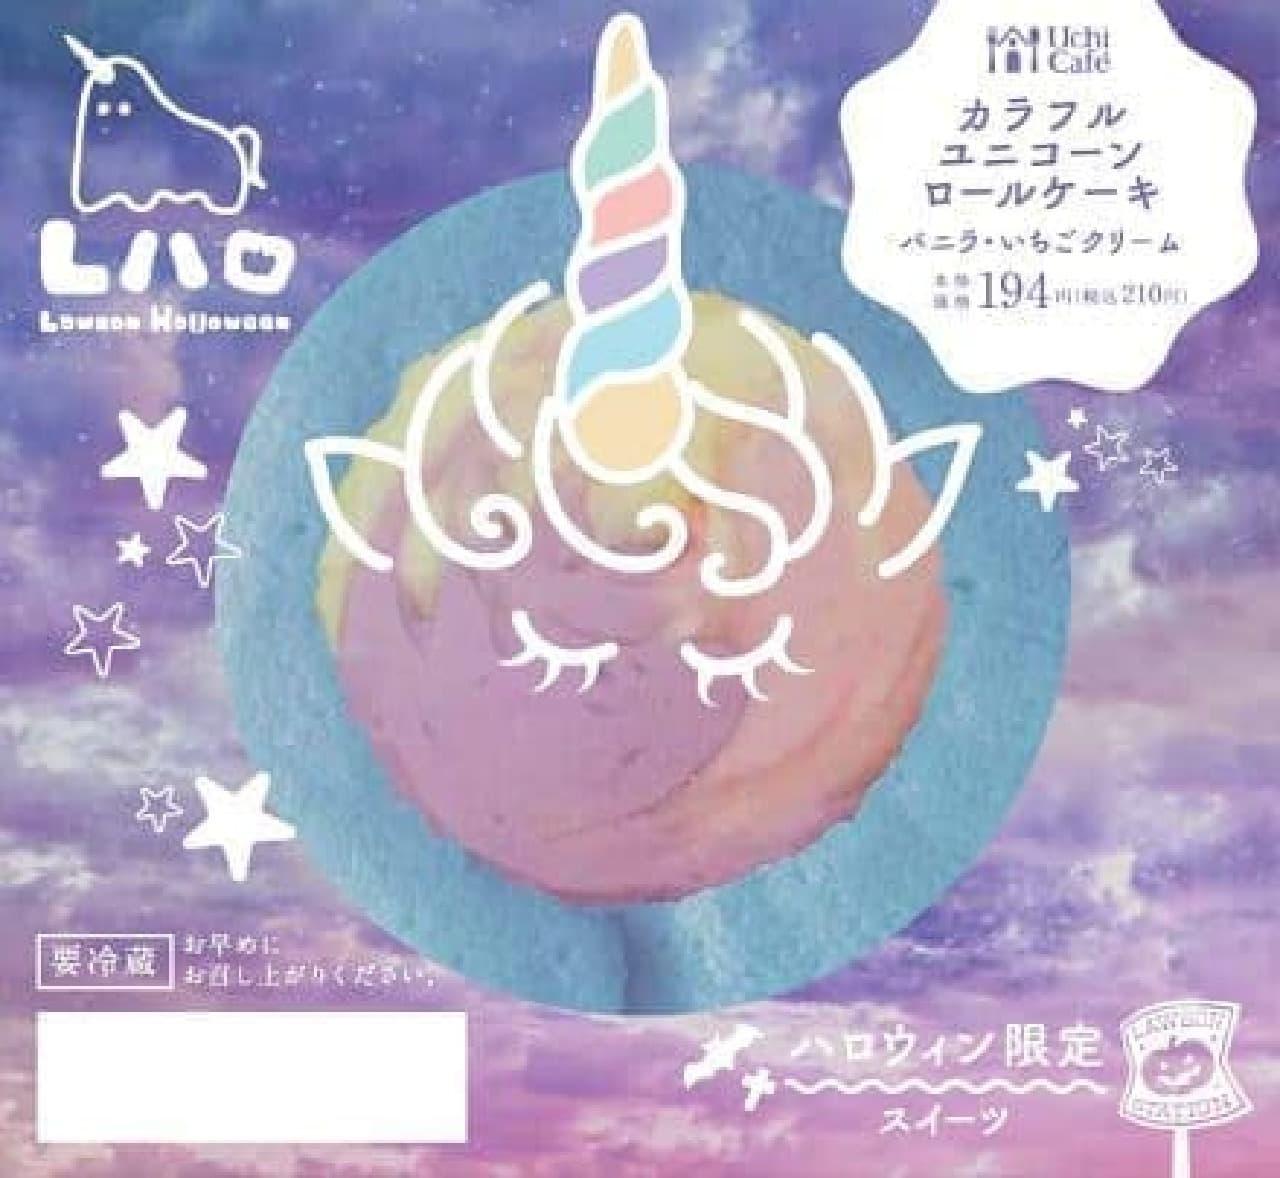 ローソン「Uchi Cafe プレミアムカラフルユニコーンロールケーキ」